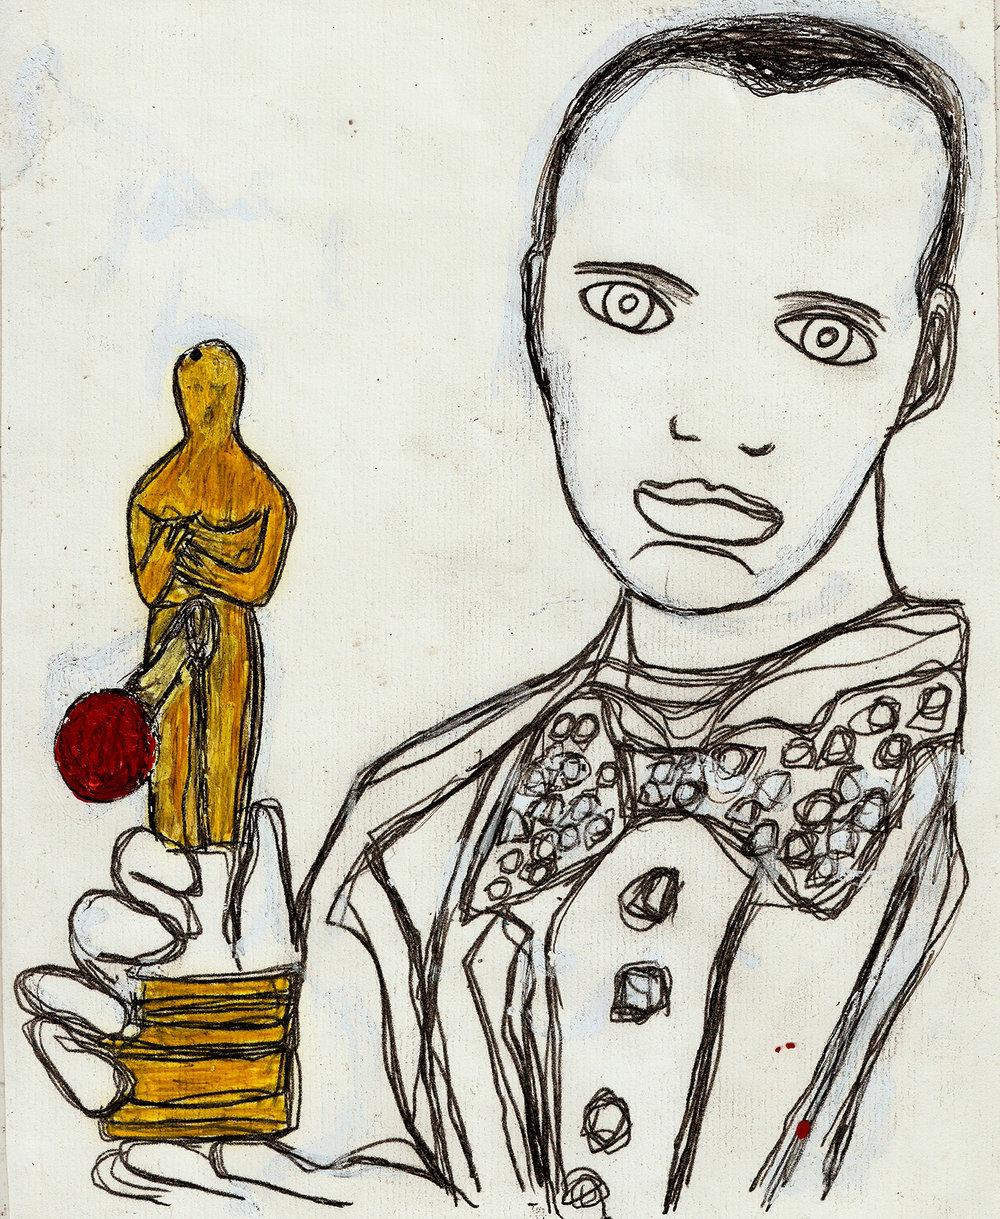 TheGiant_Porn_Oscar_web.jpg